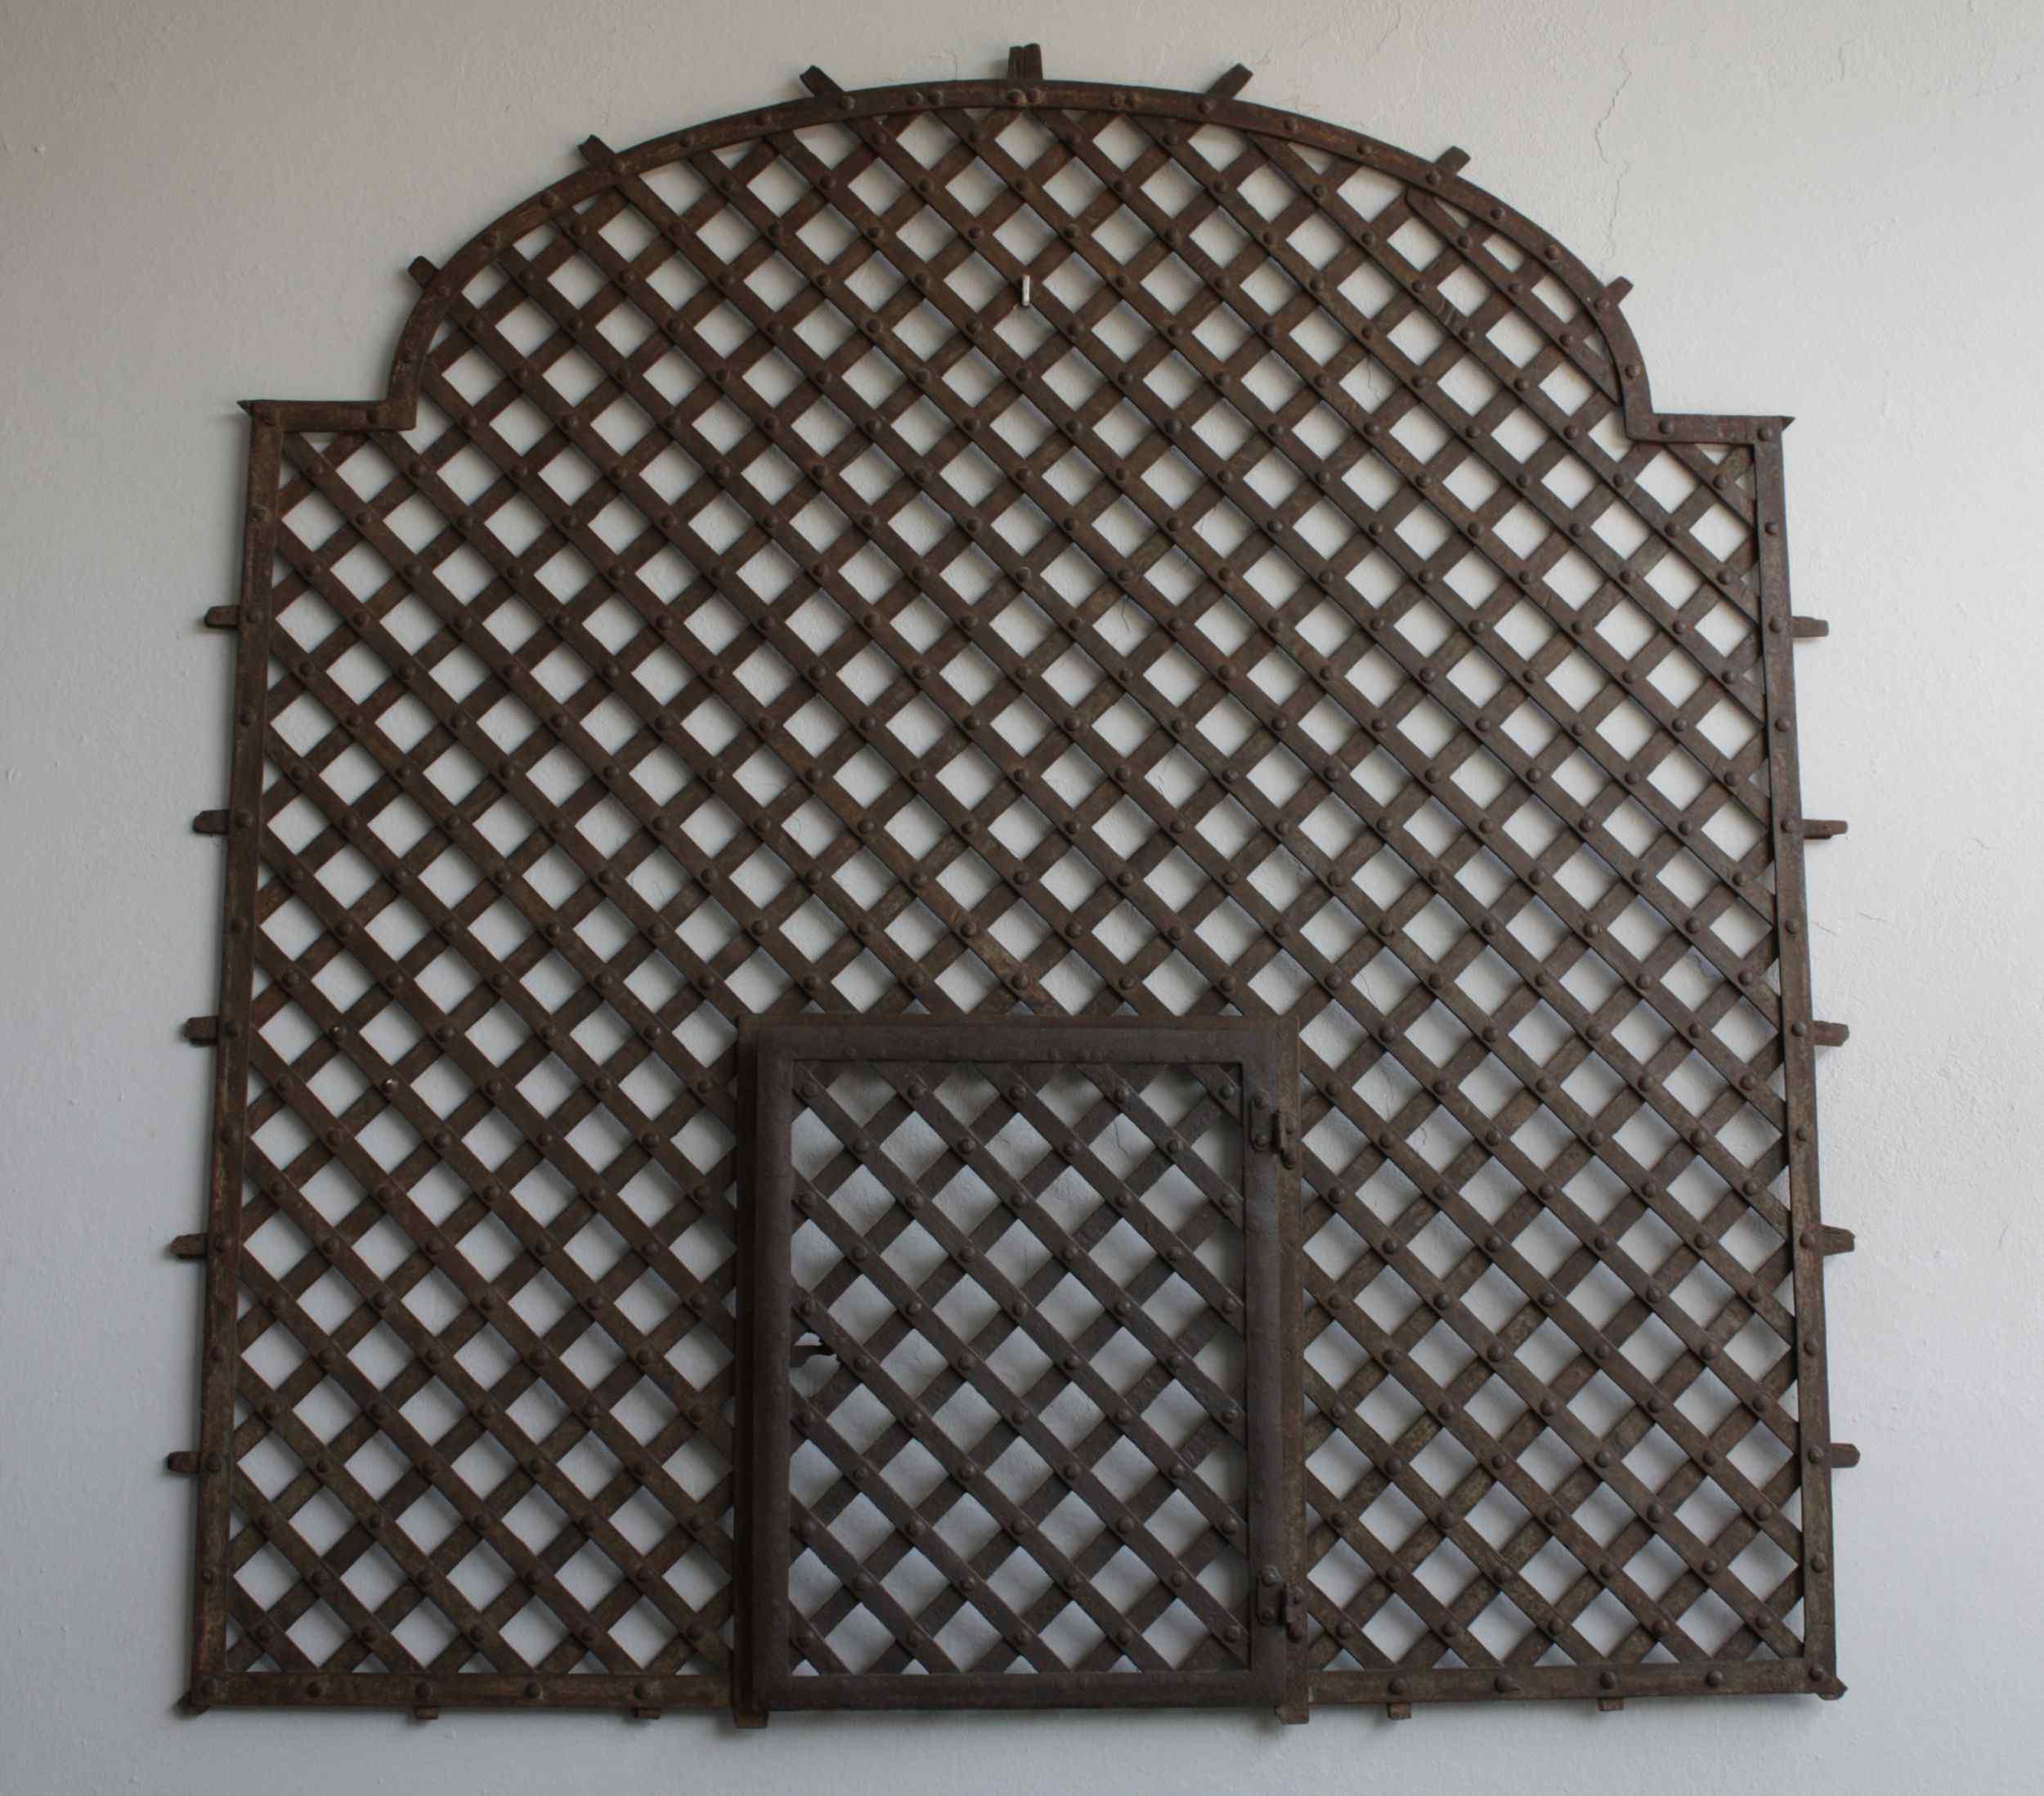 Antica grata in ferro del XVII secolo